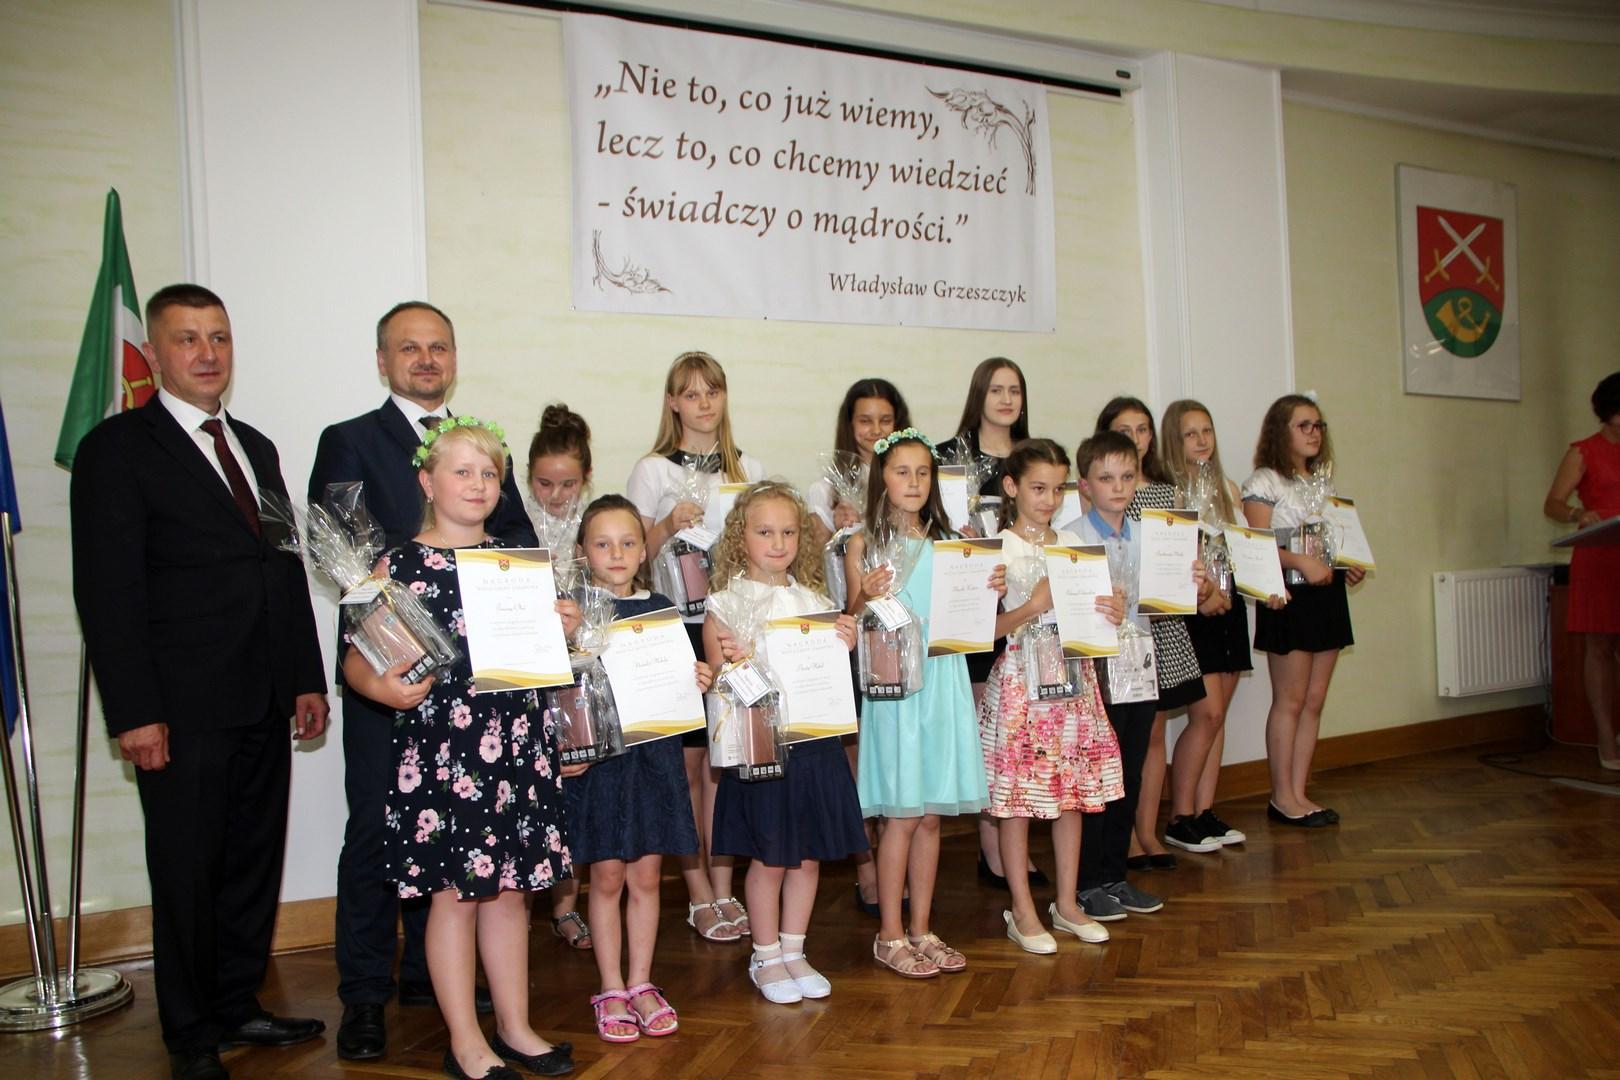 Nagrody dla uczniów, podziękowania dla nauczycieli na uroczystym  podsumowaniu roku szkolnego - zdjęcie główne